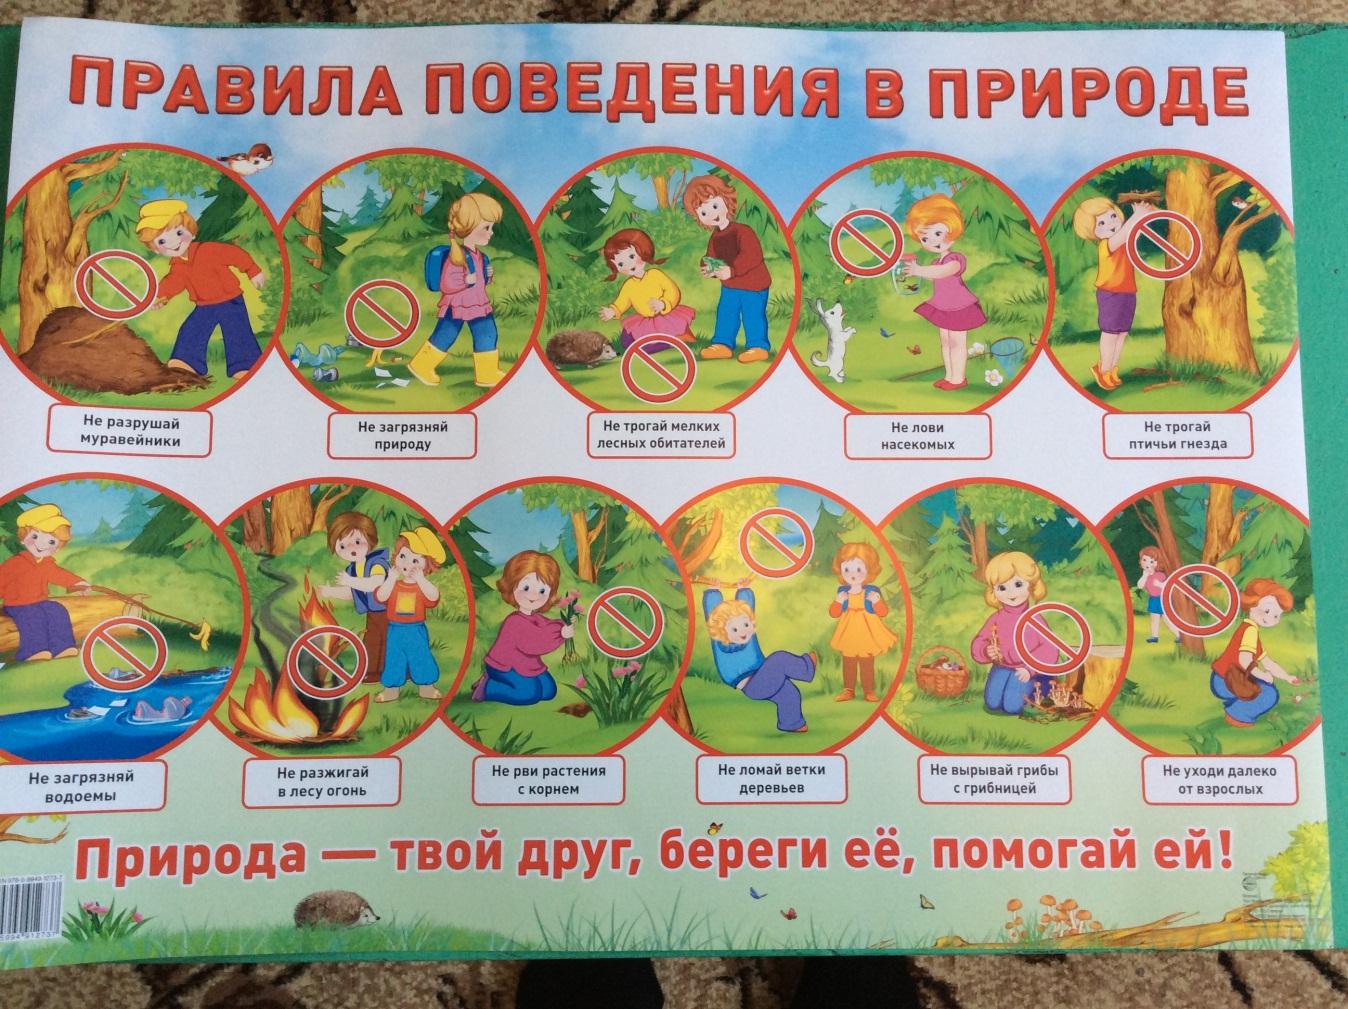 Правила поведения в лесу для школьников картинки